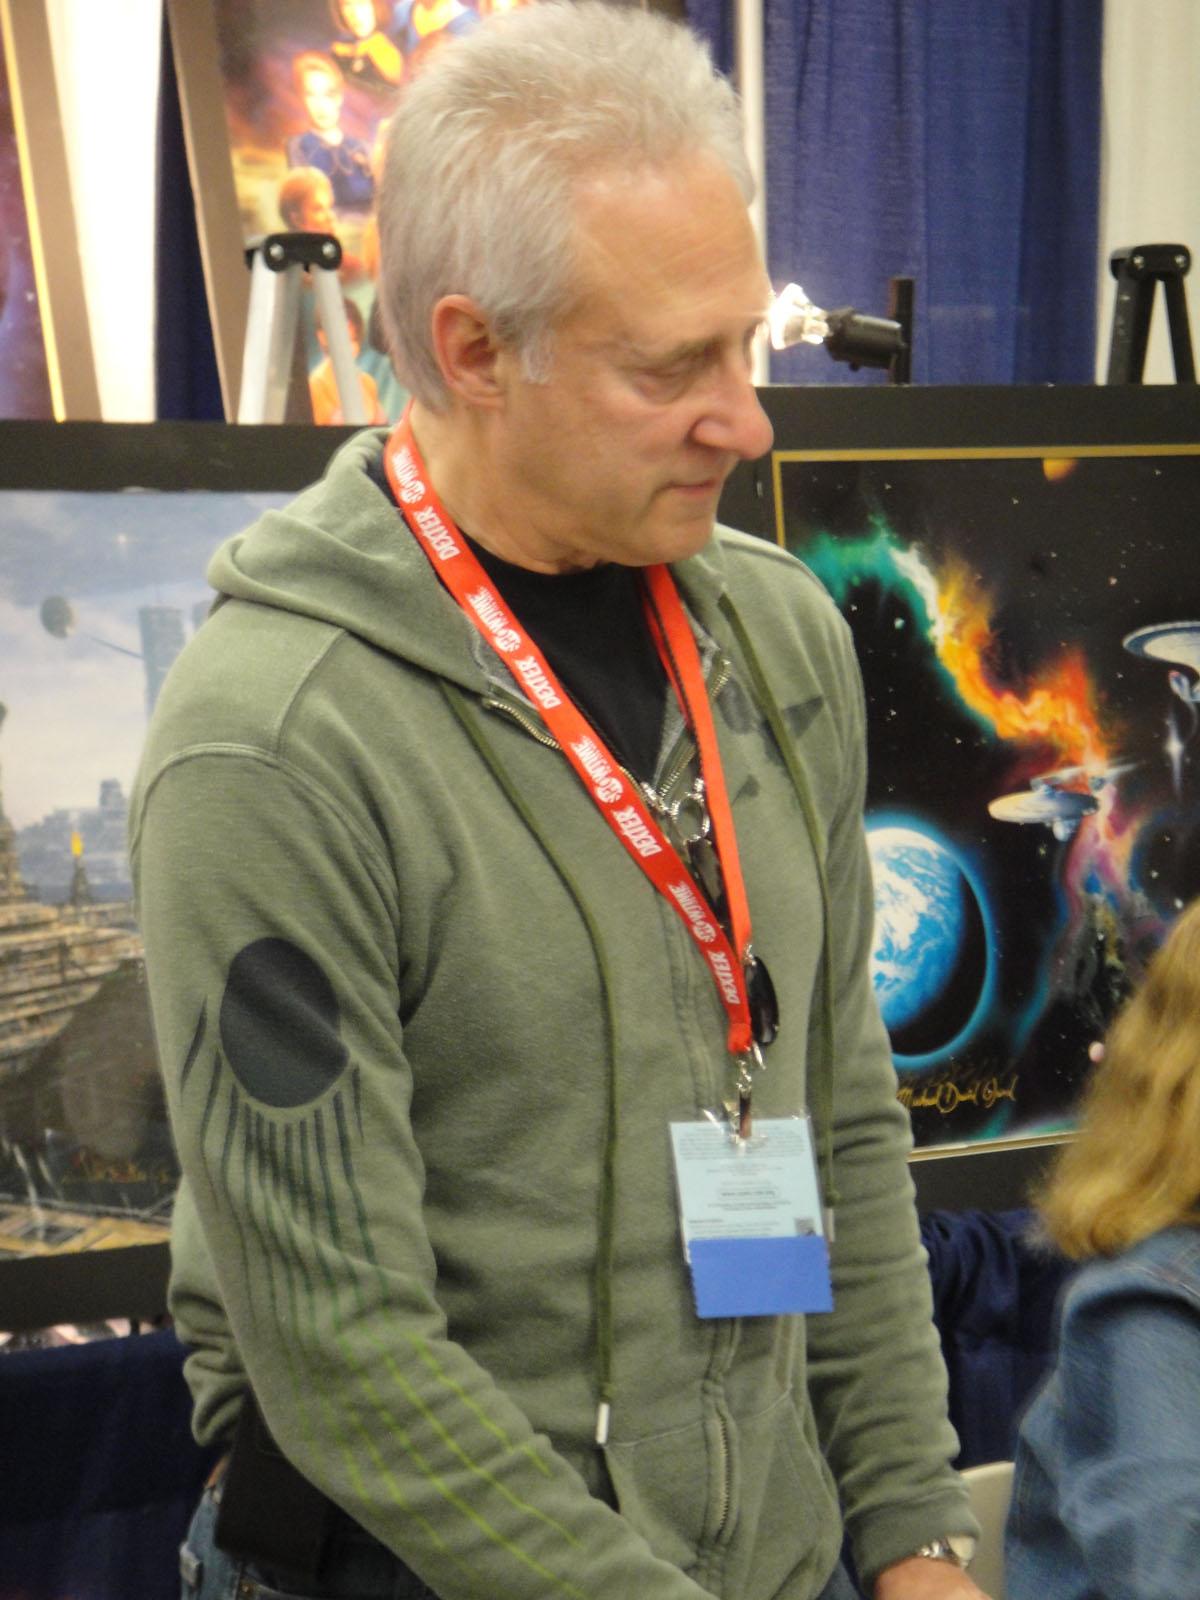 File:Brent Spiner aka Data from Star Trek the Next